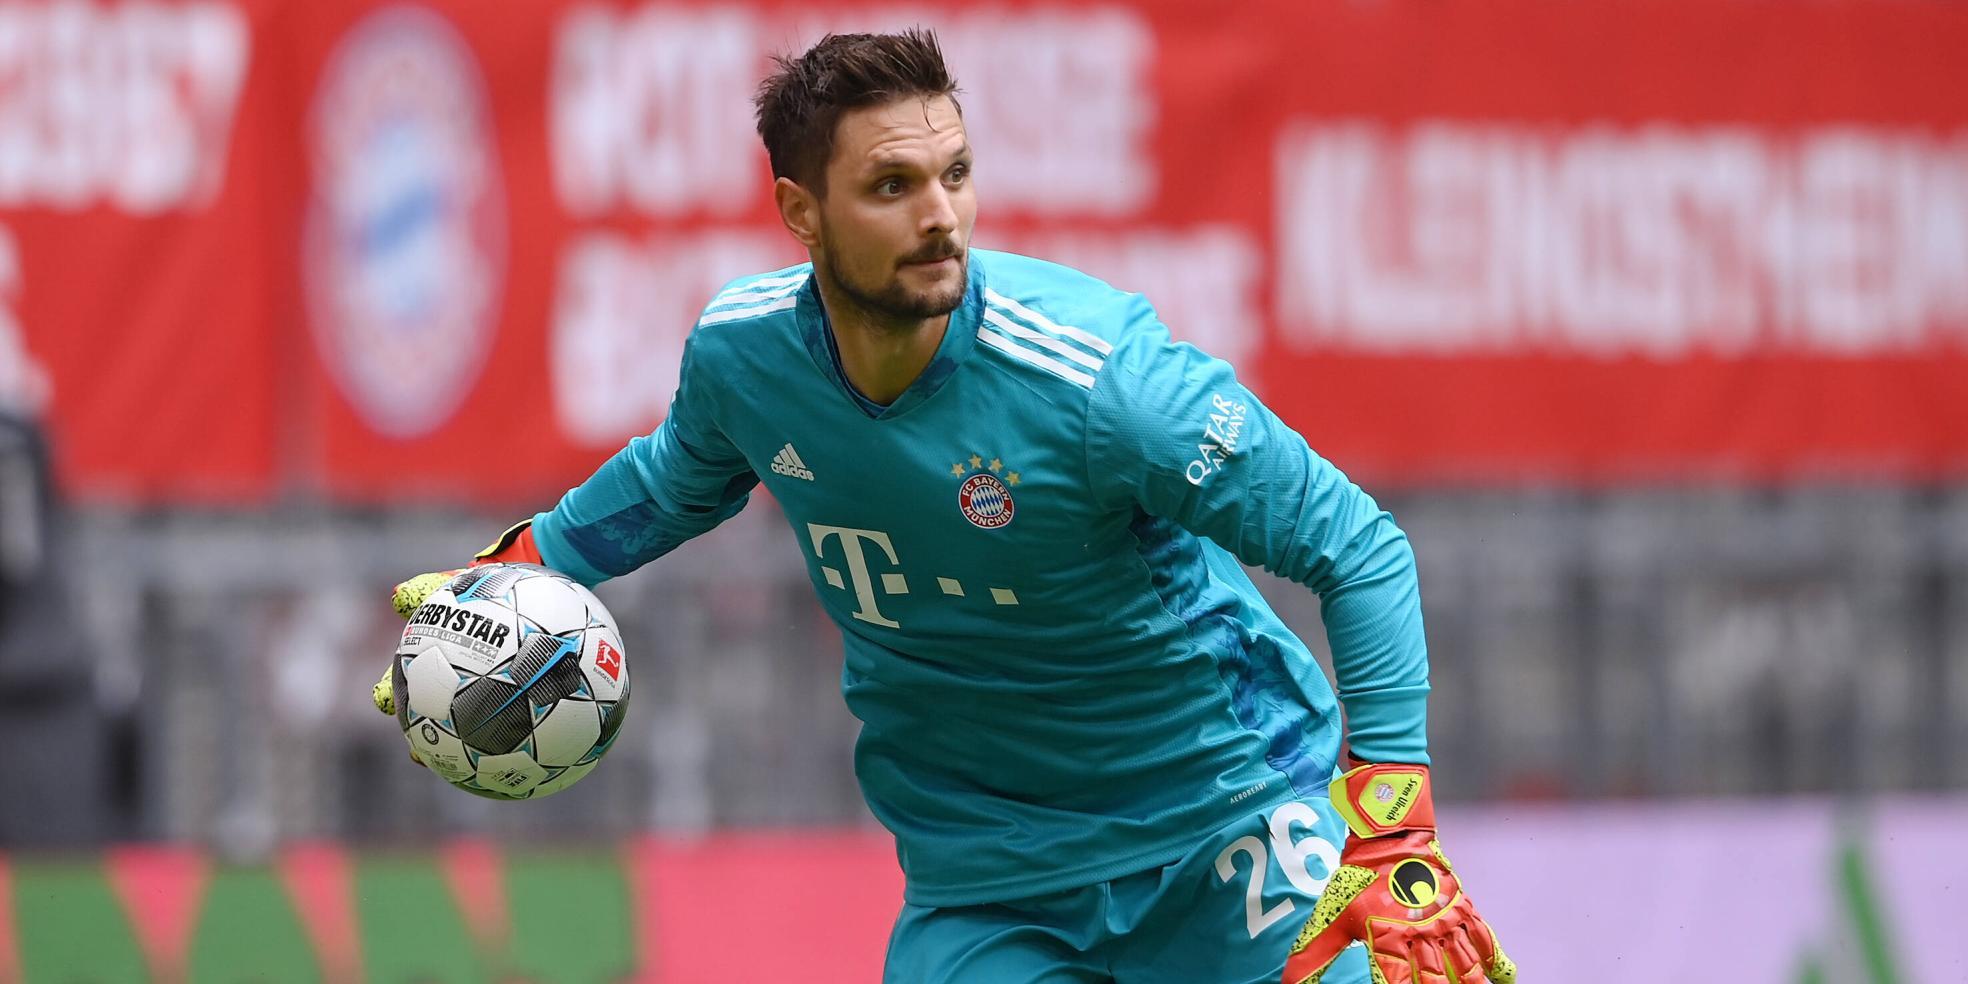 Wechselt Sven Ulreich vom FC Bayern zu Hertha BSC?